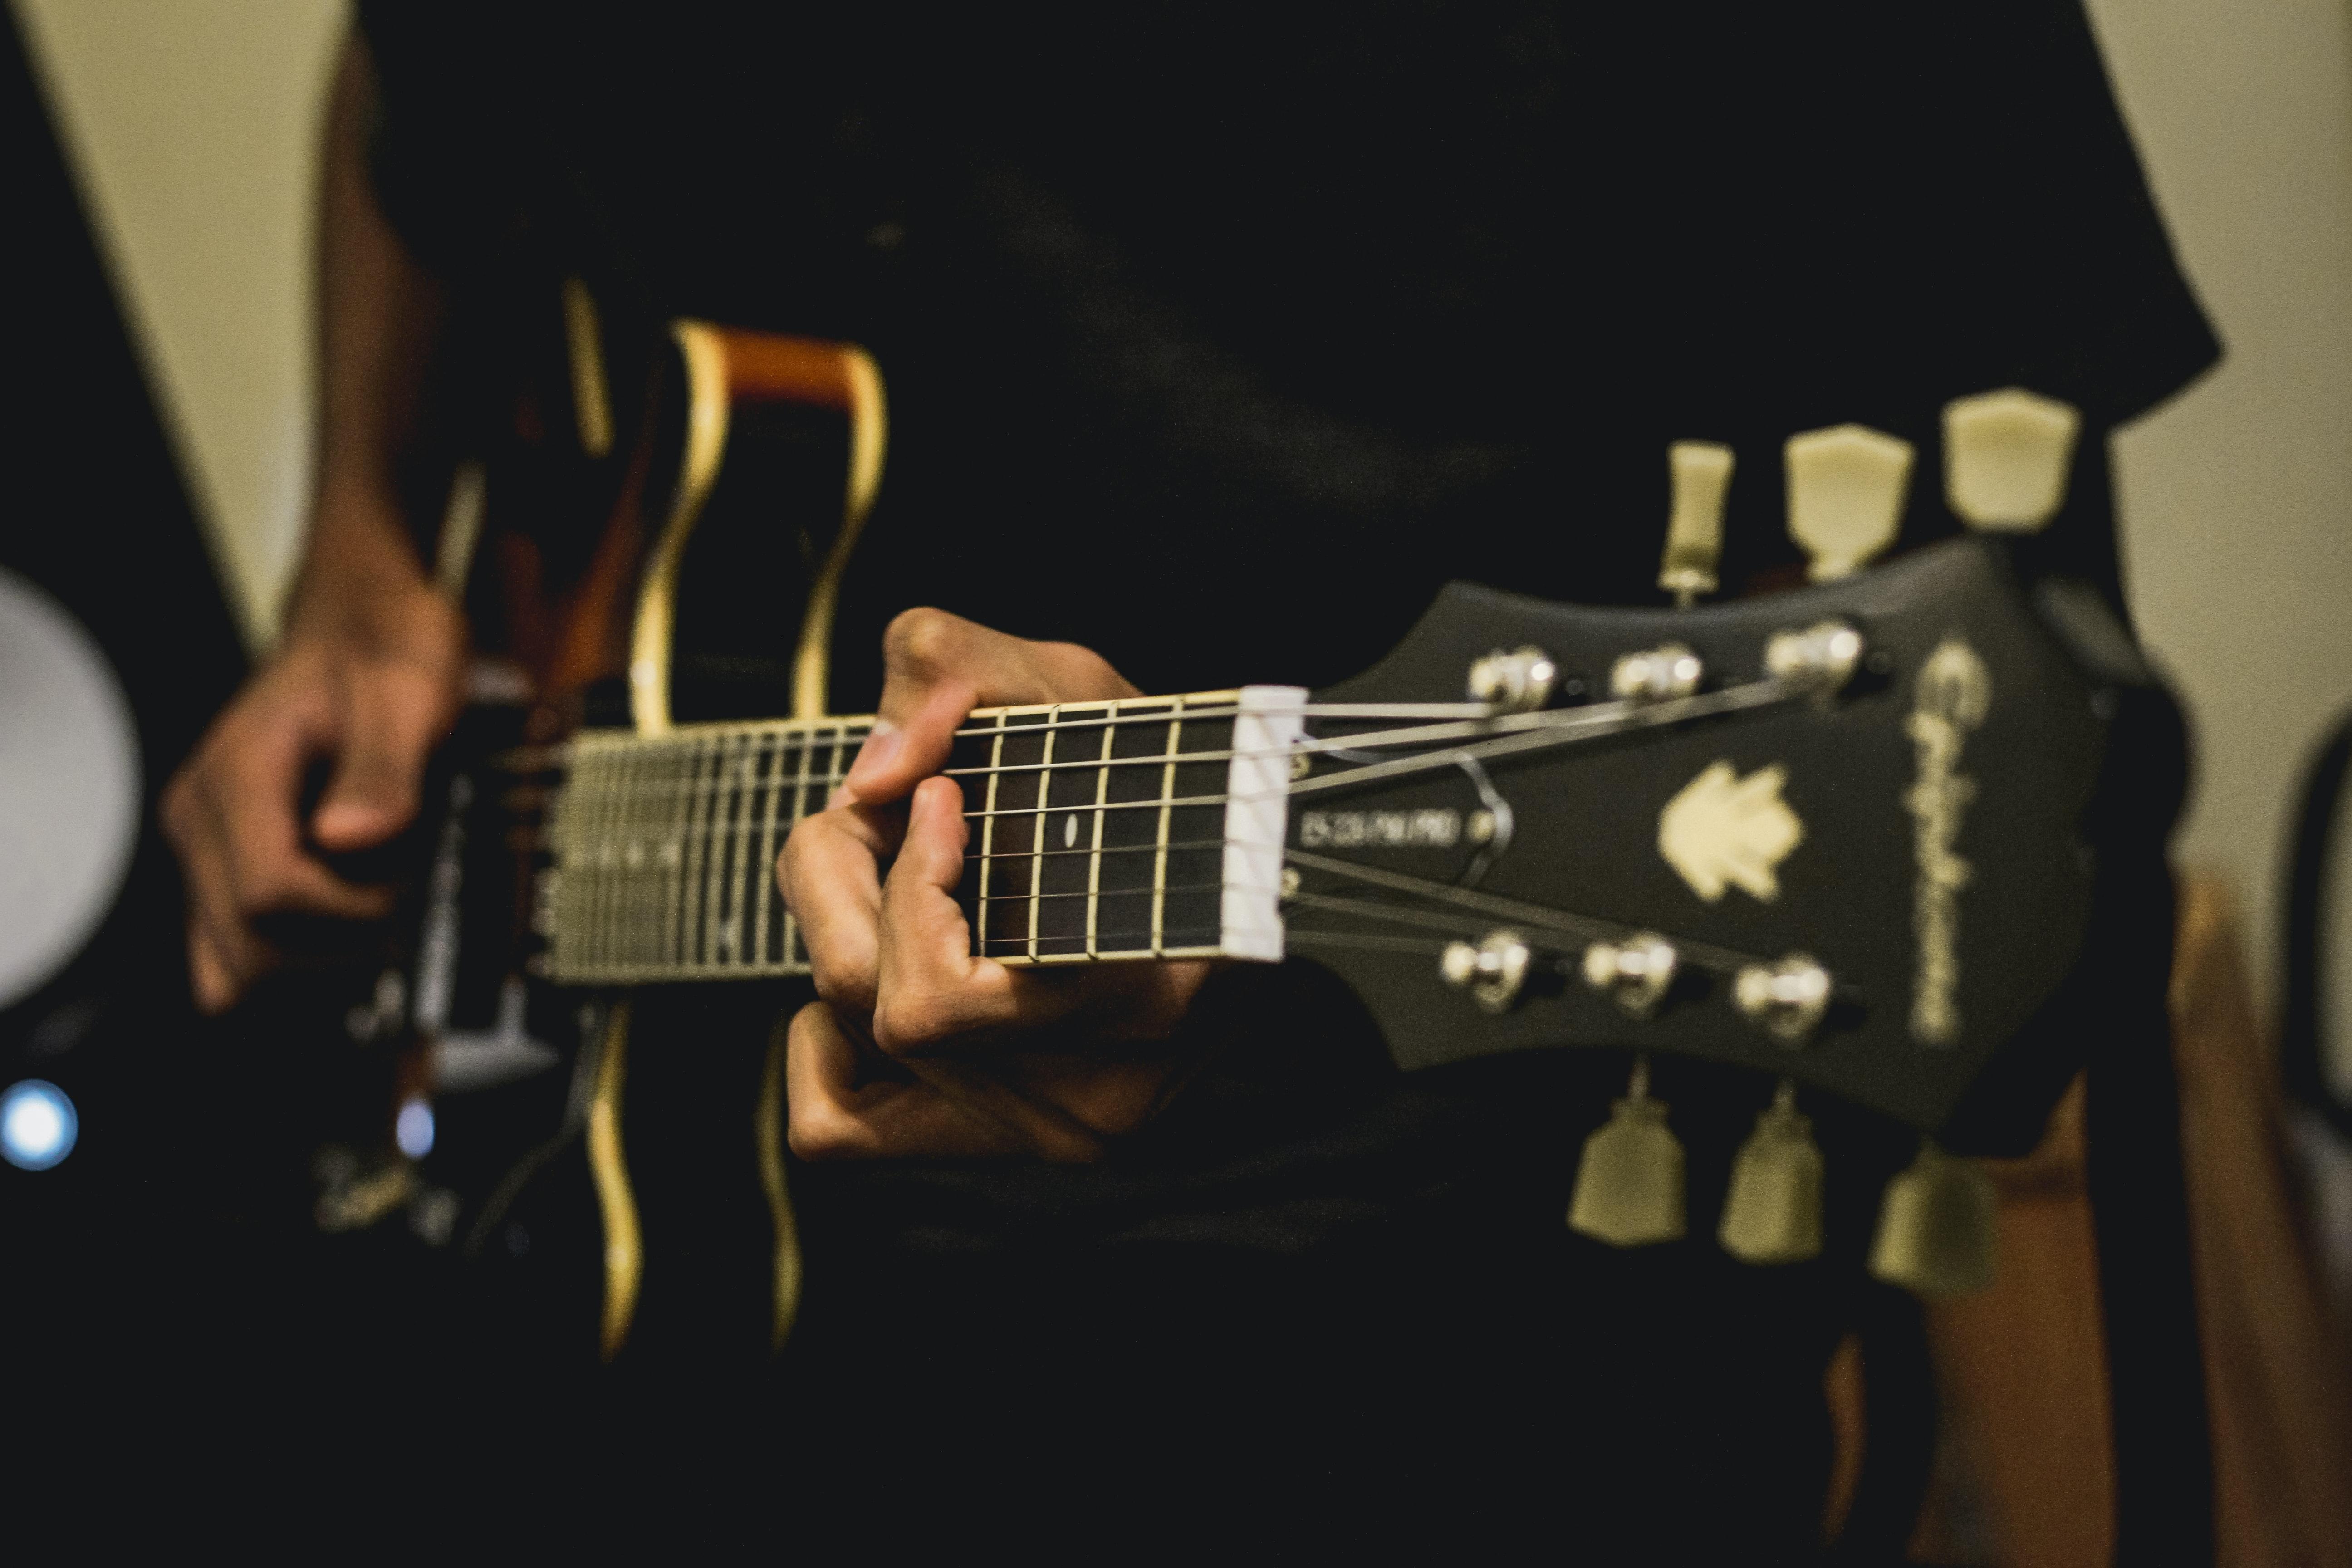 Hợp âm màu Guitar: Siêu đã tai khi đệm hát